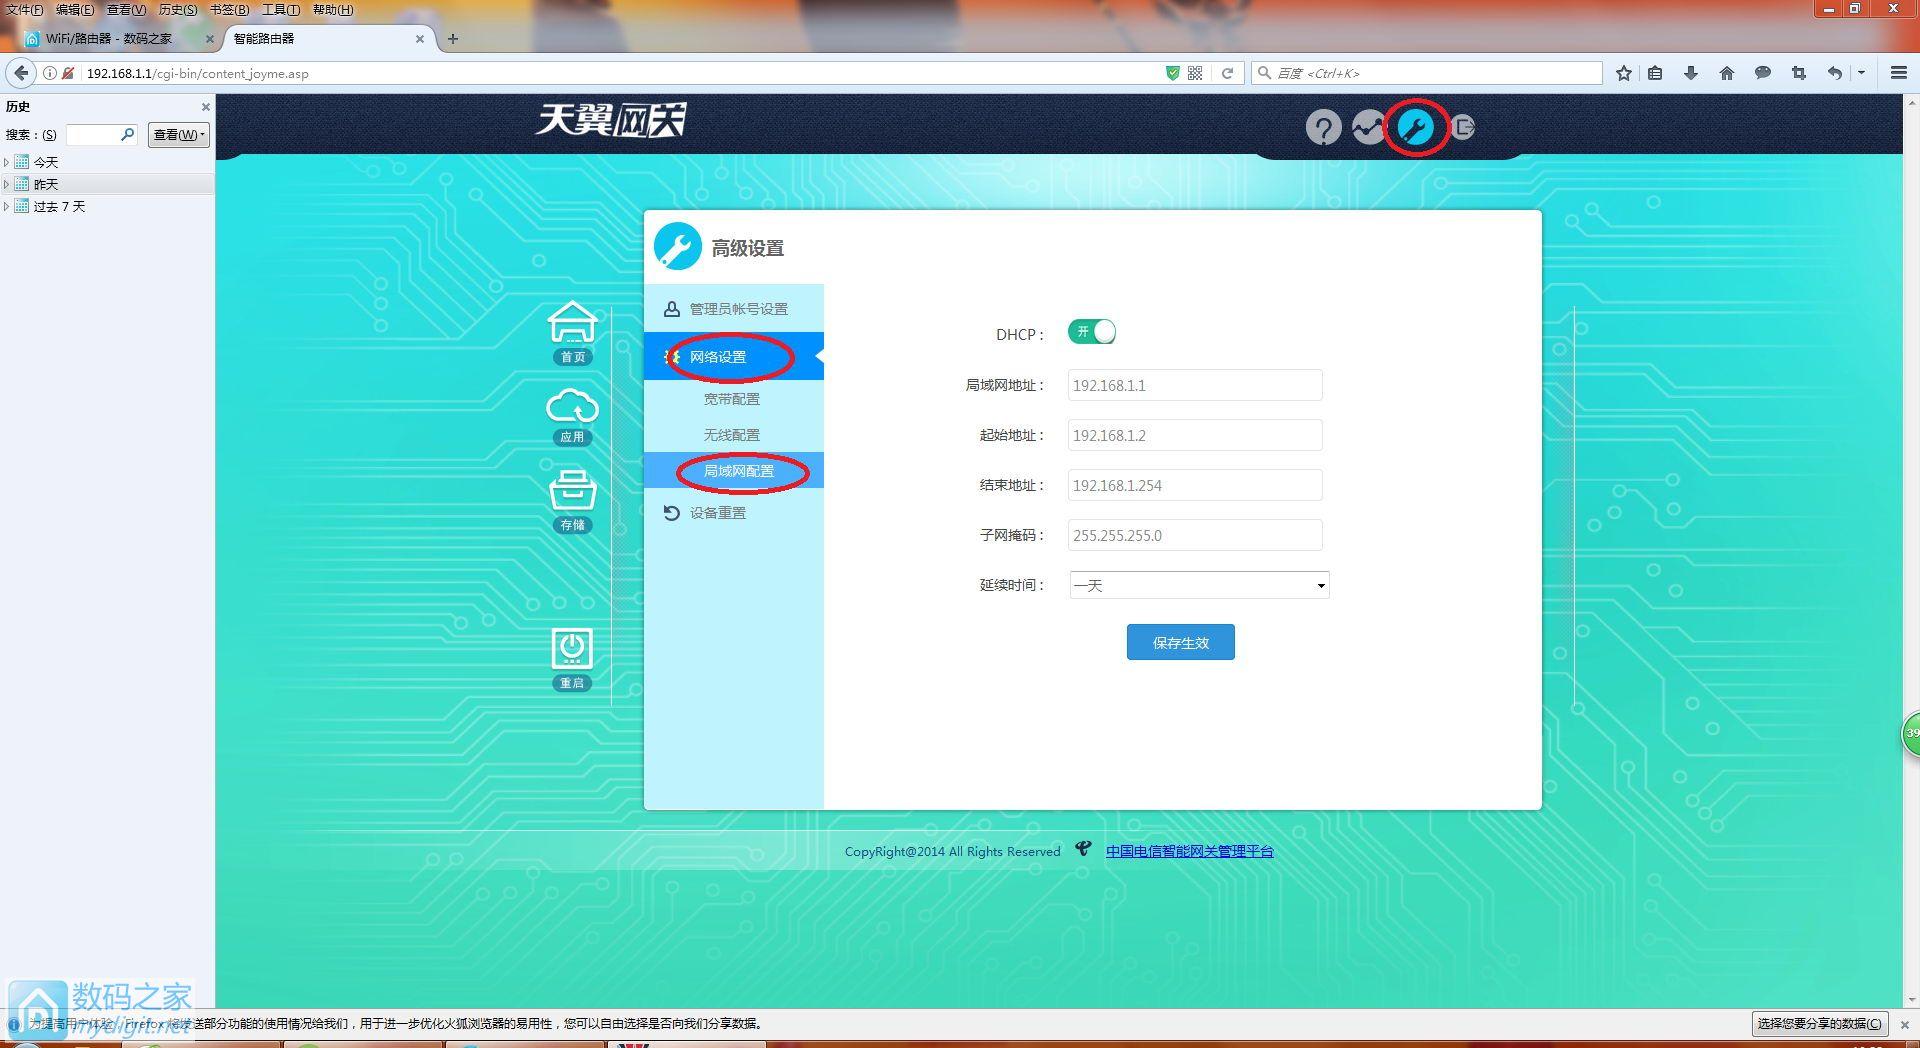 天翼网关友华PT921G小白破解教程,免拆机,超详细